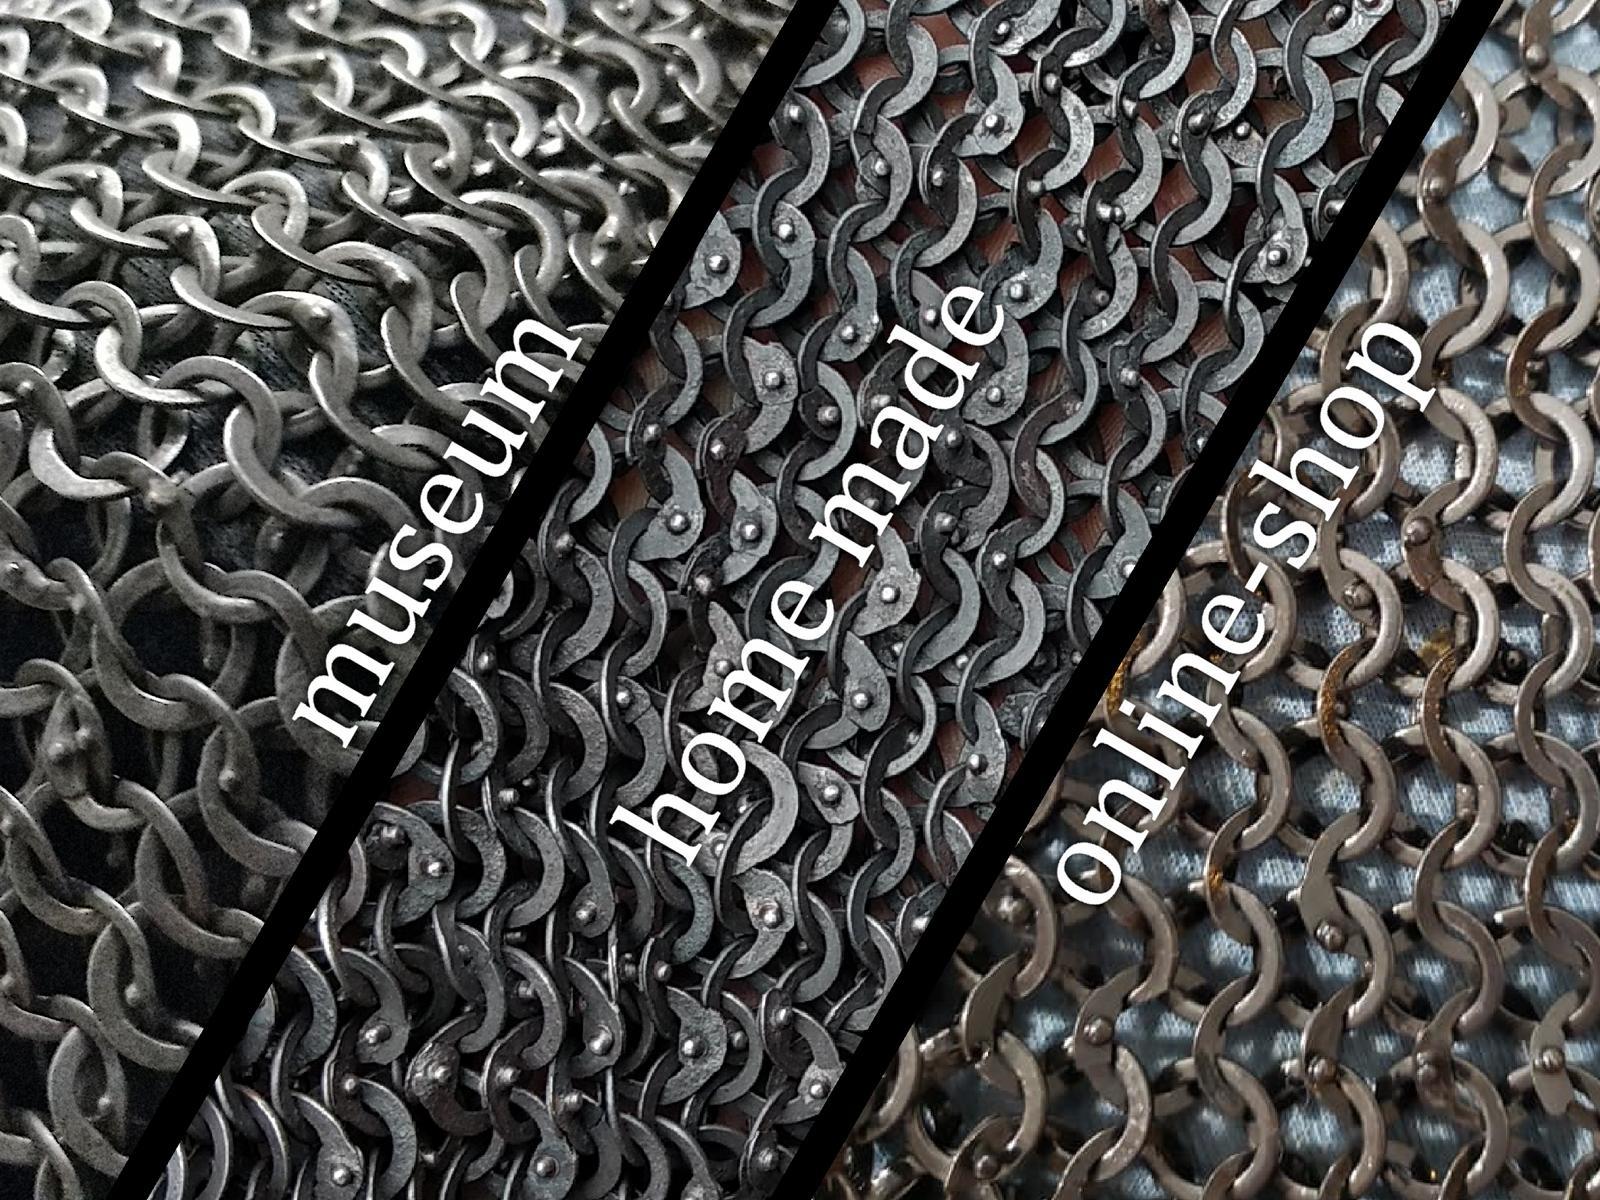 Kettenhemd kaufen - Vergleich vernieteter Ringe